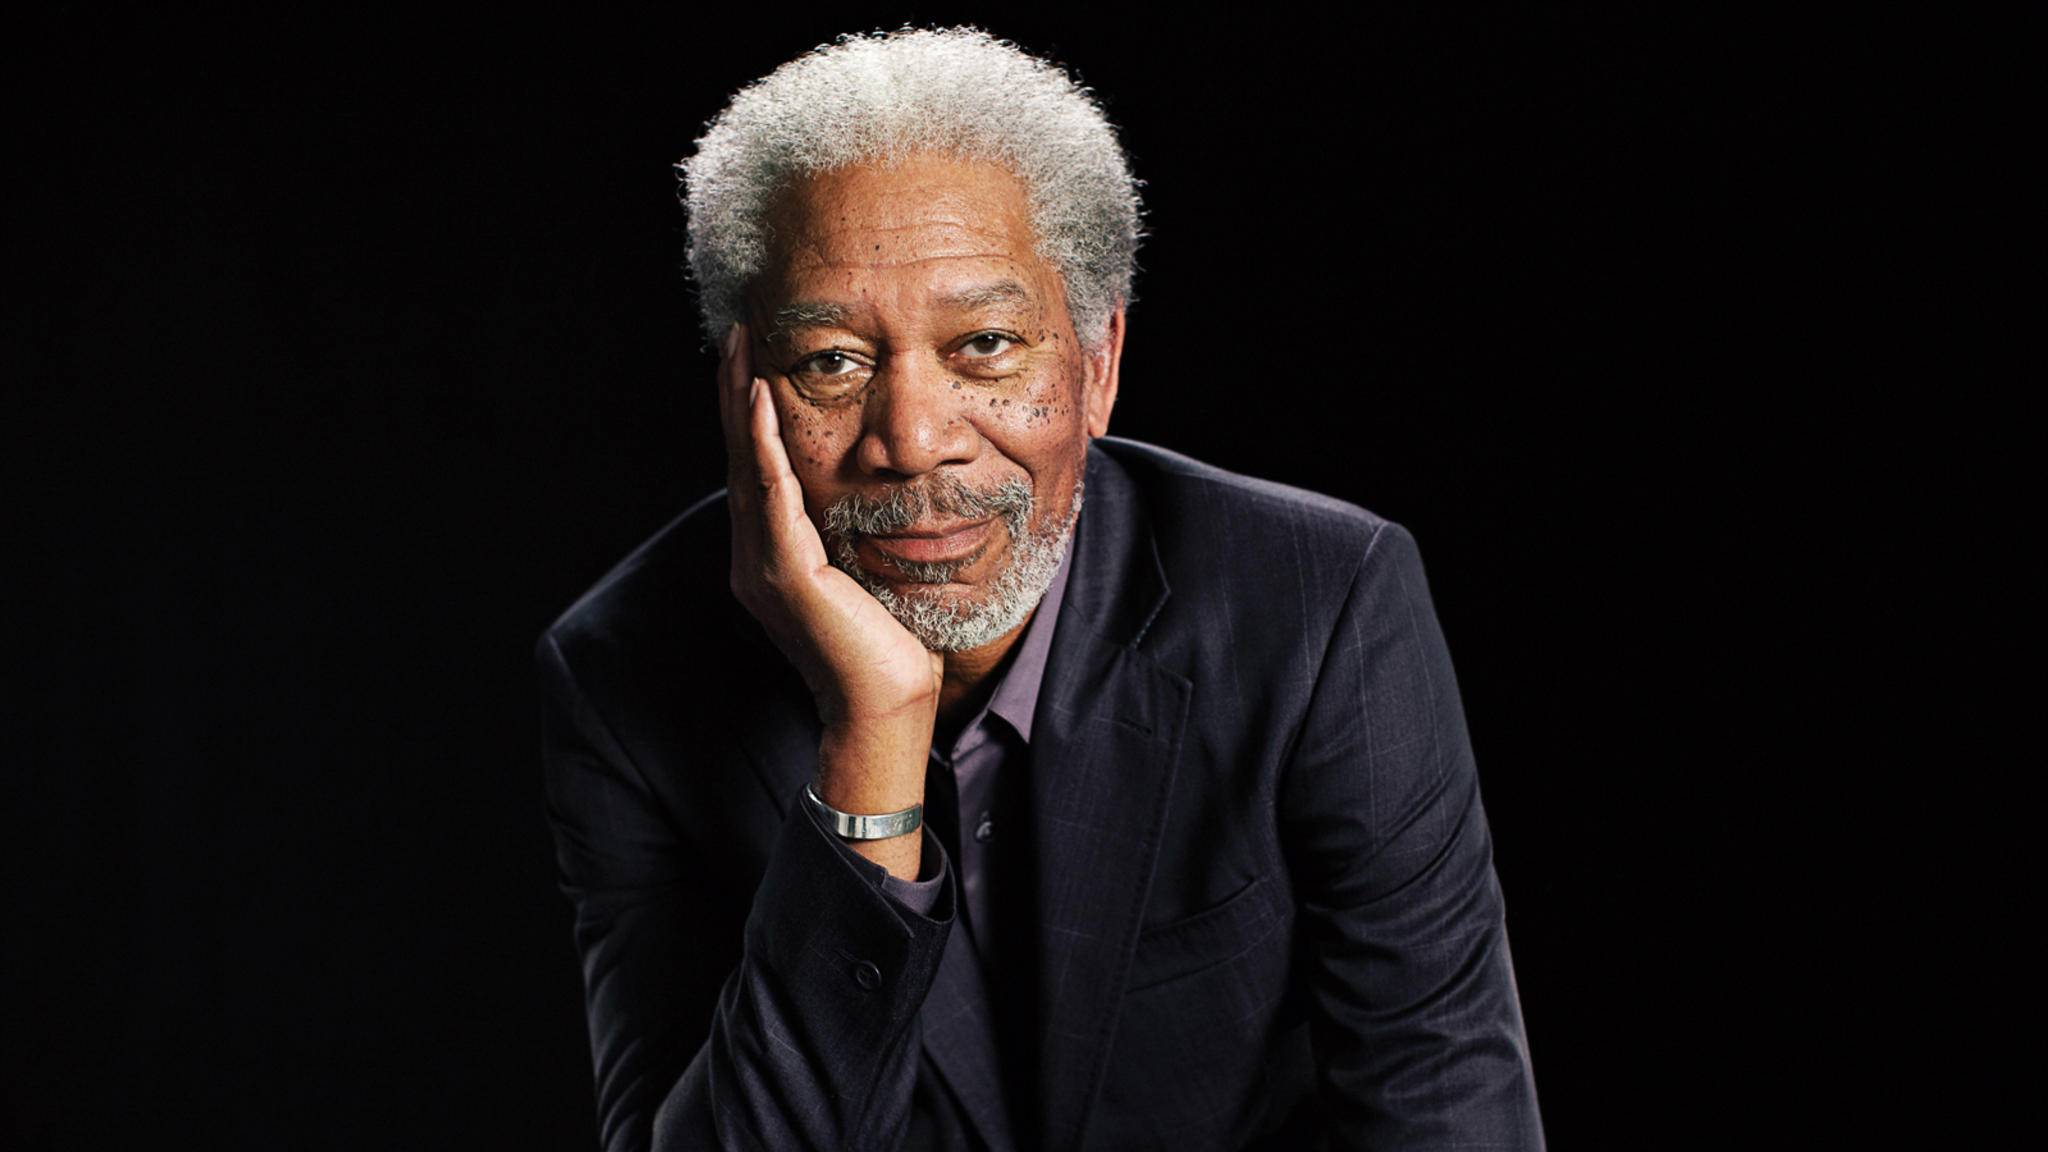 Ans Aufhören denkt Morgan Freeman noch lange nicht.